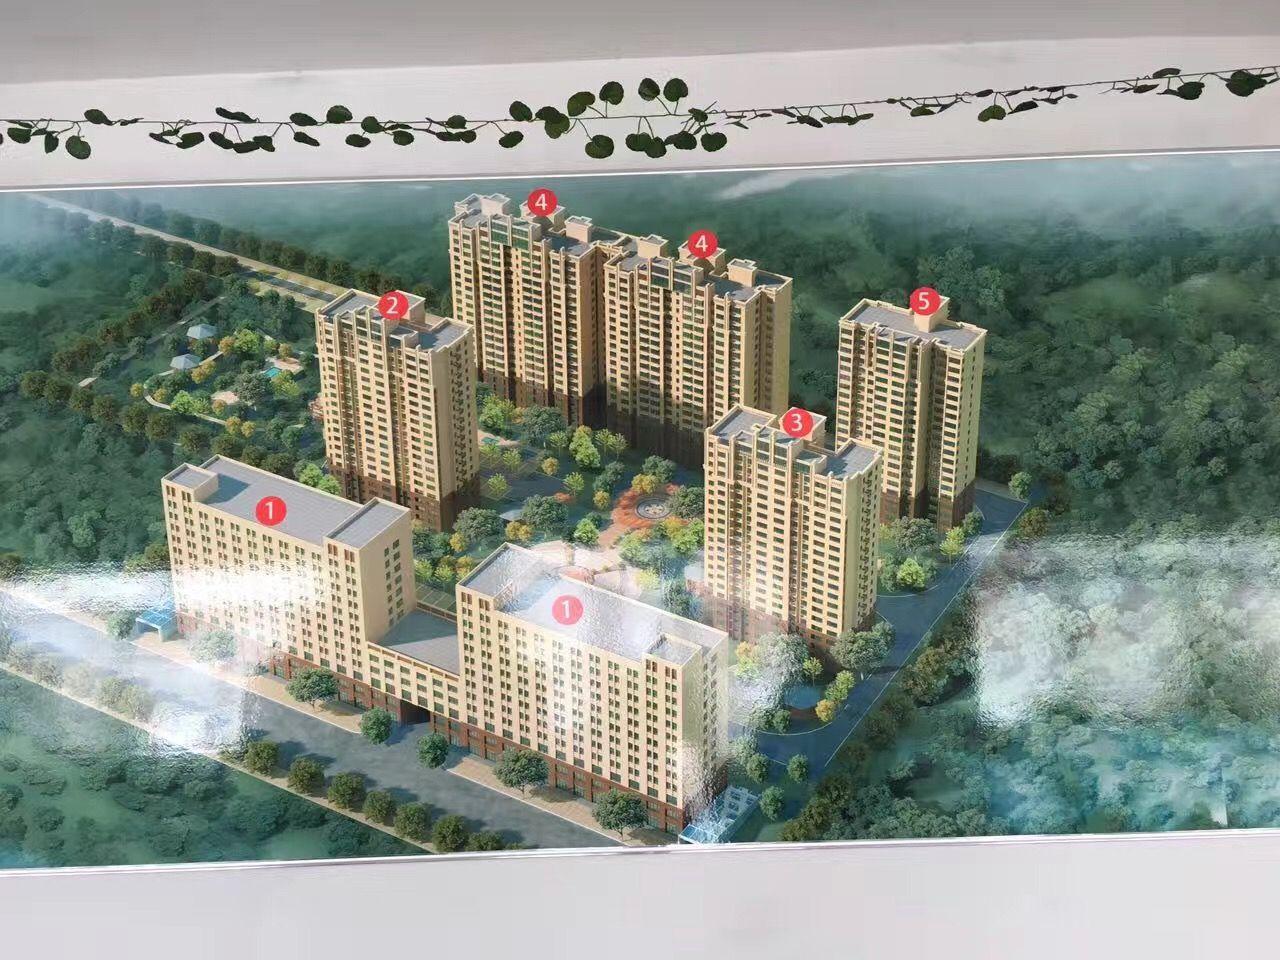 涿州 《众福苑养老公寓》